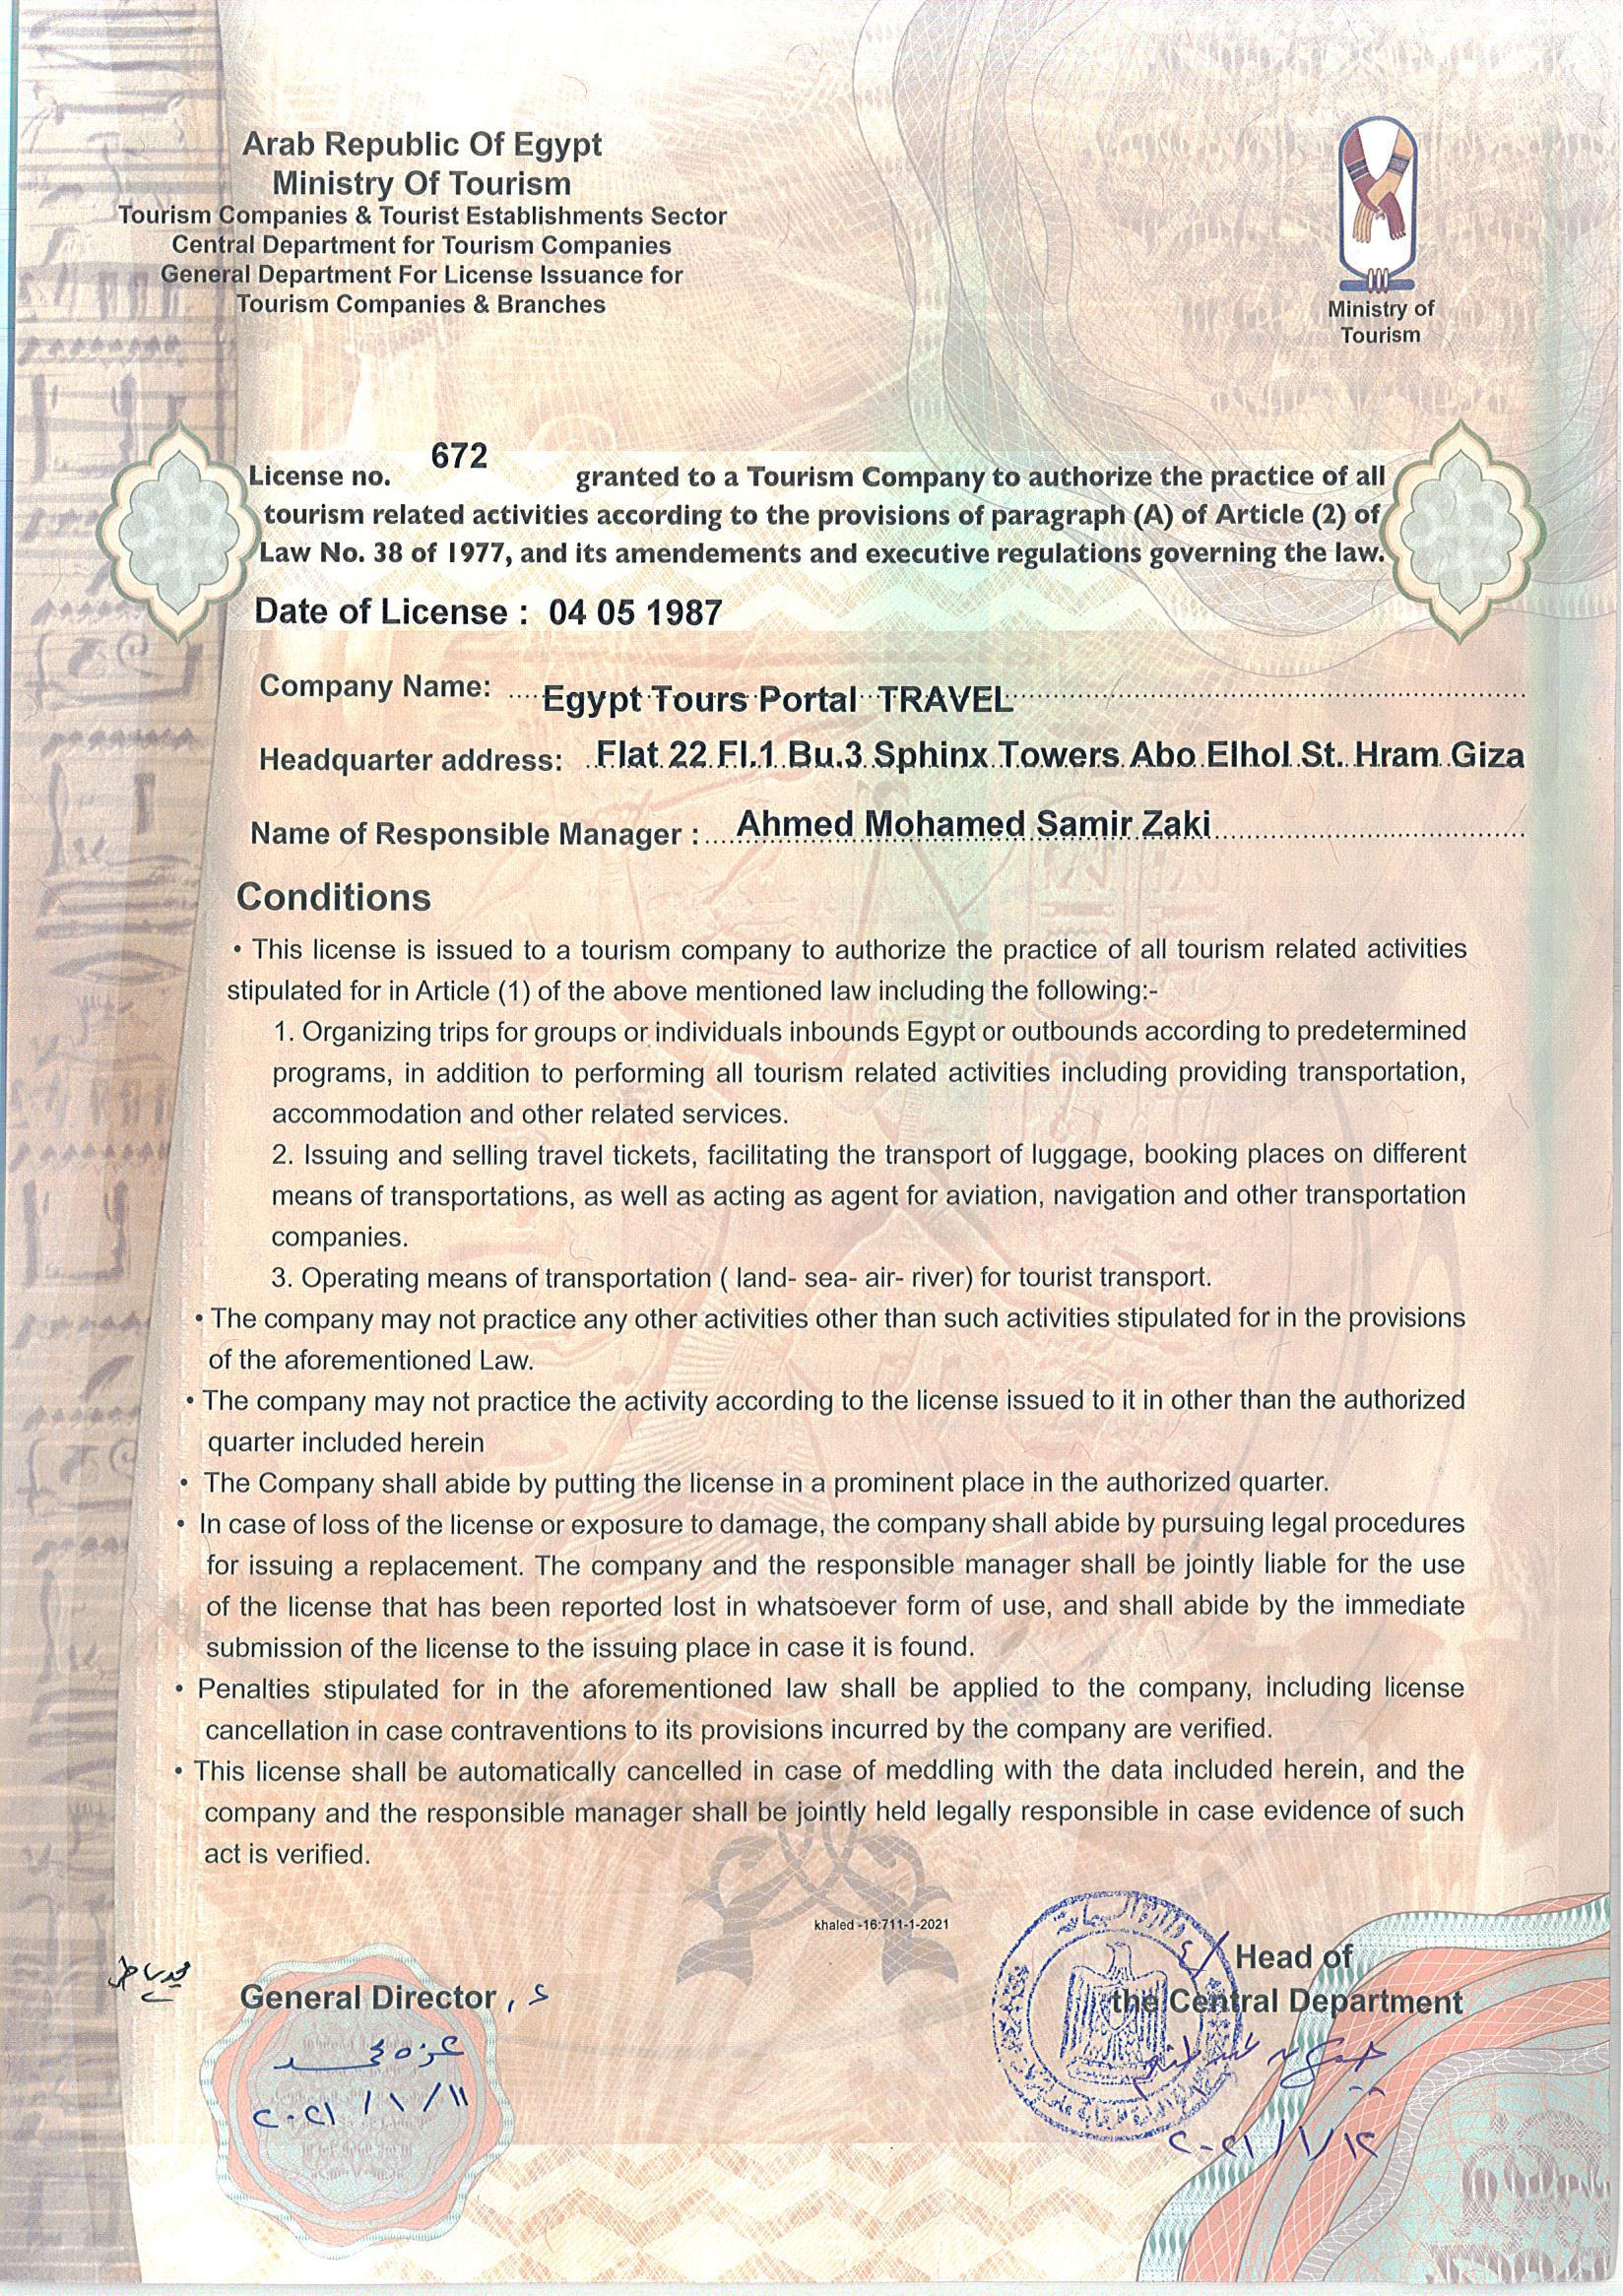 Our Egyptian Tourism Authority License - Egypt Tours Portal